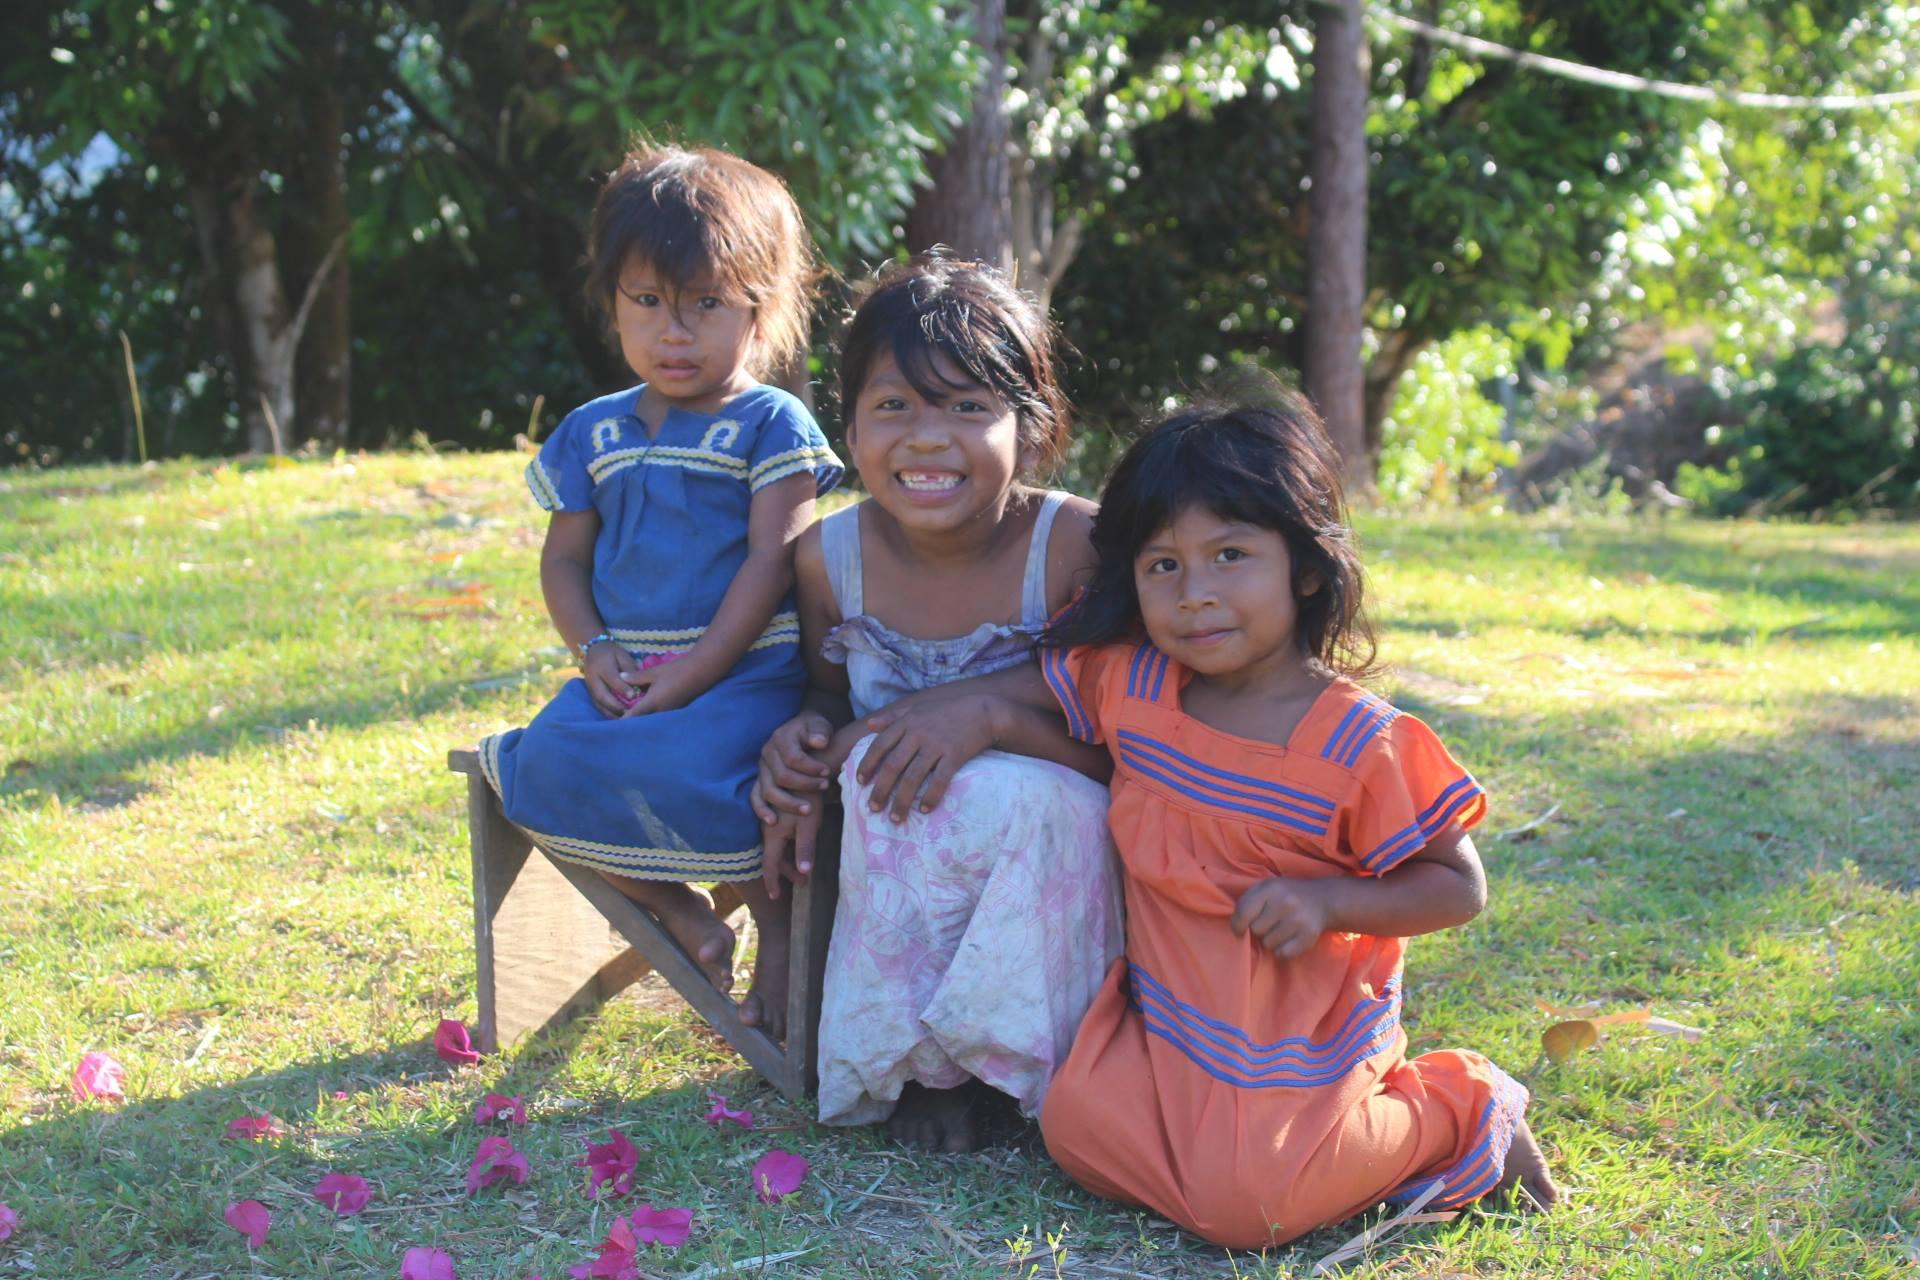 Ganzheitliche Förderung für die indigene Bevölkerung